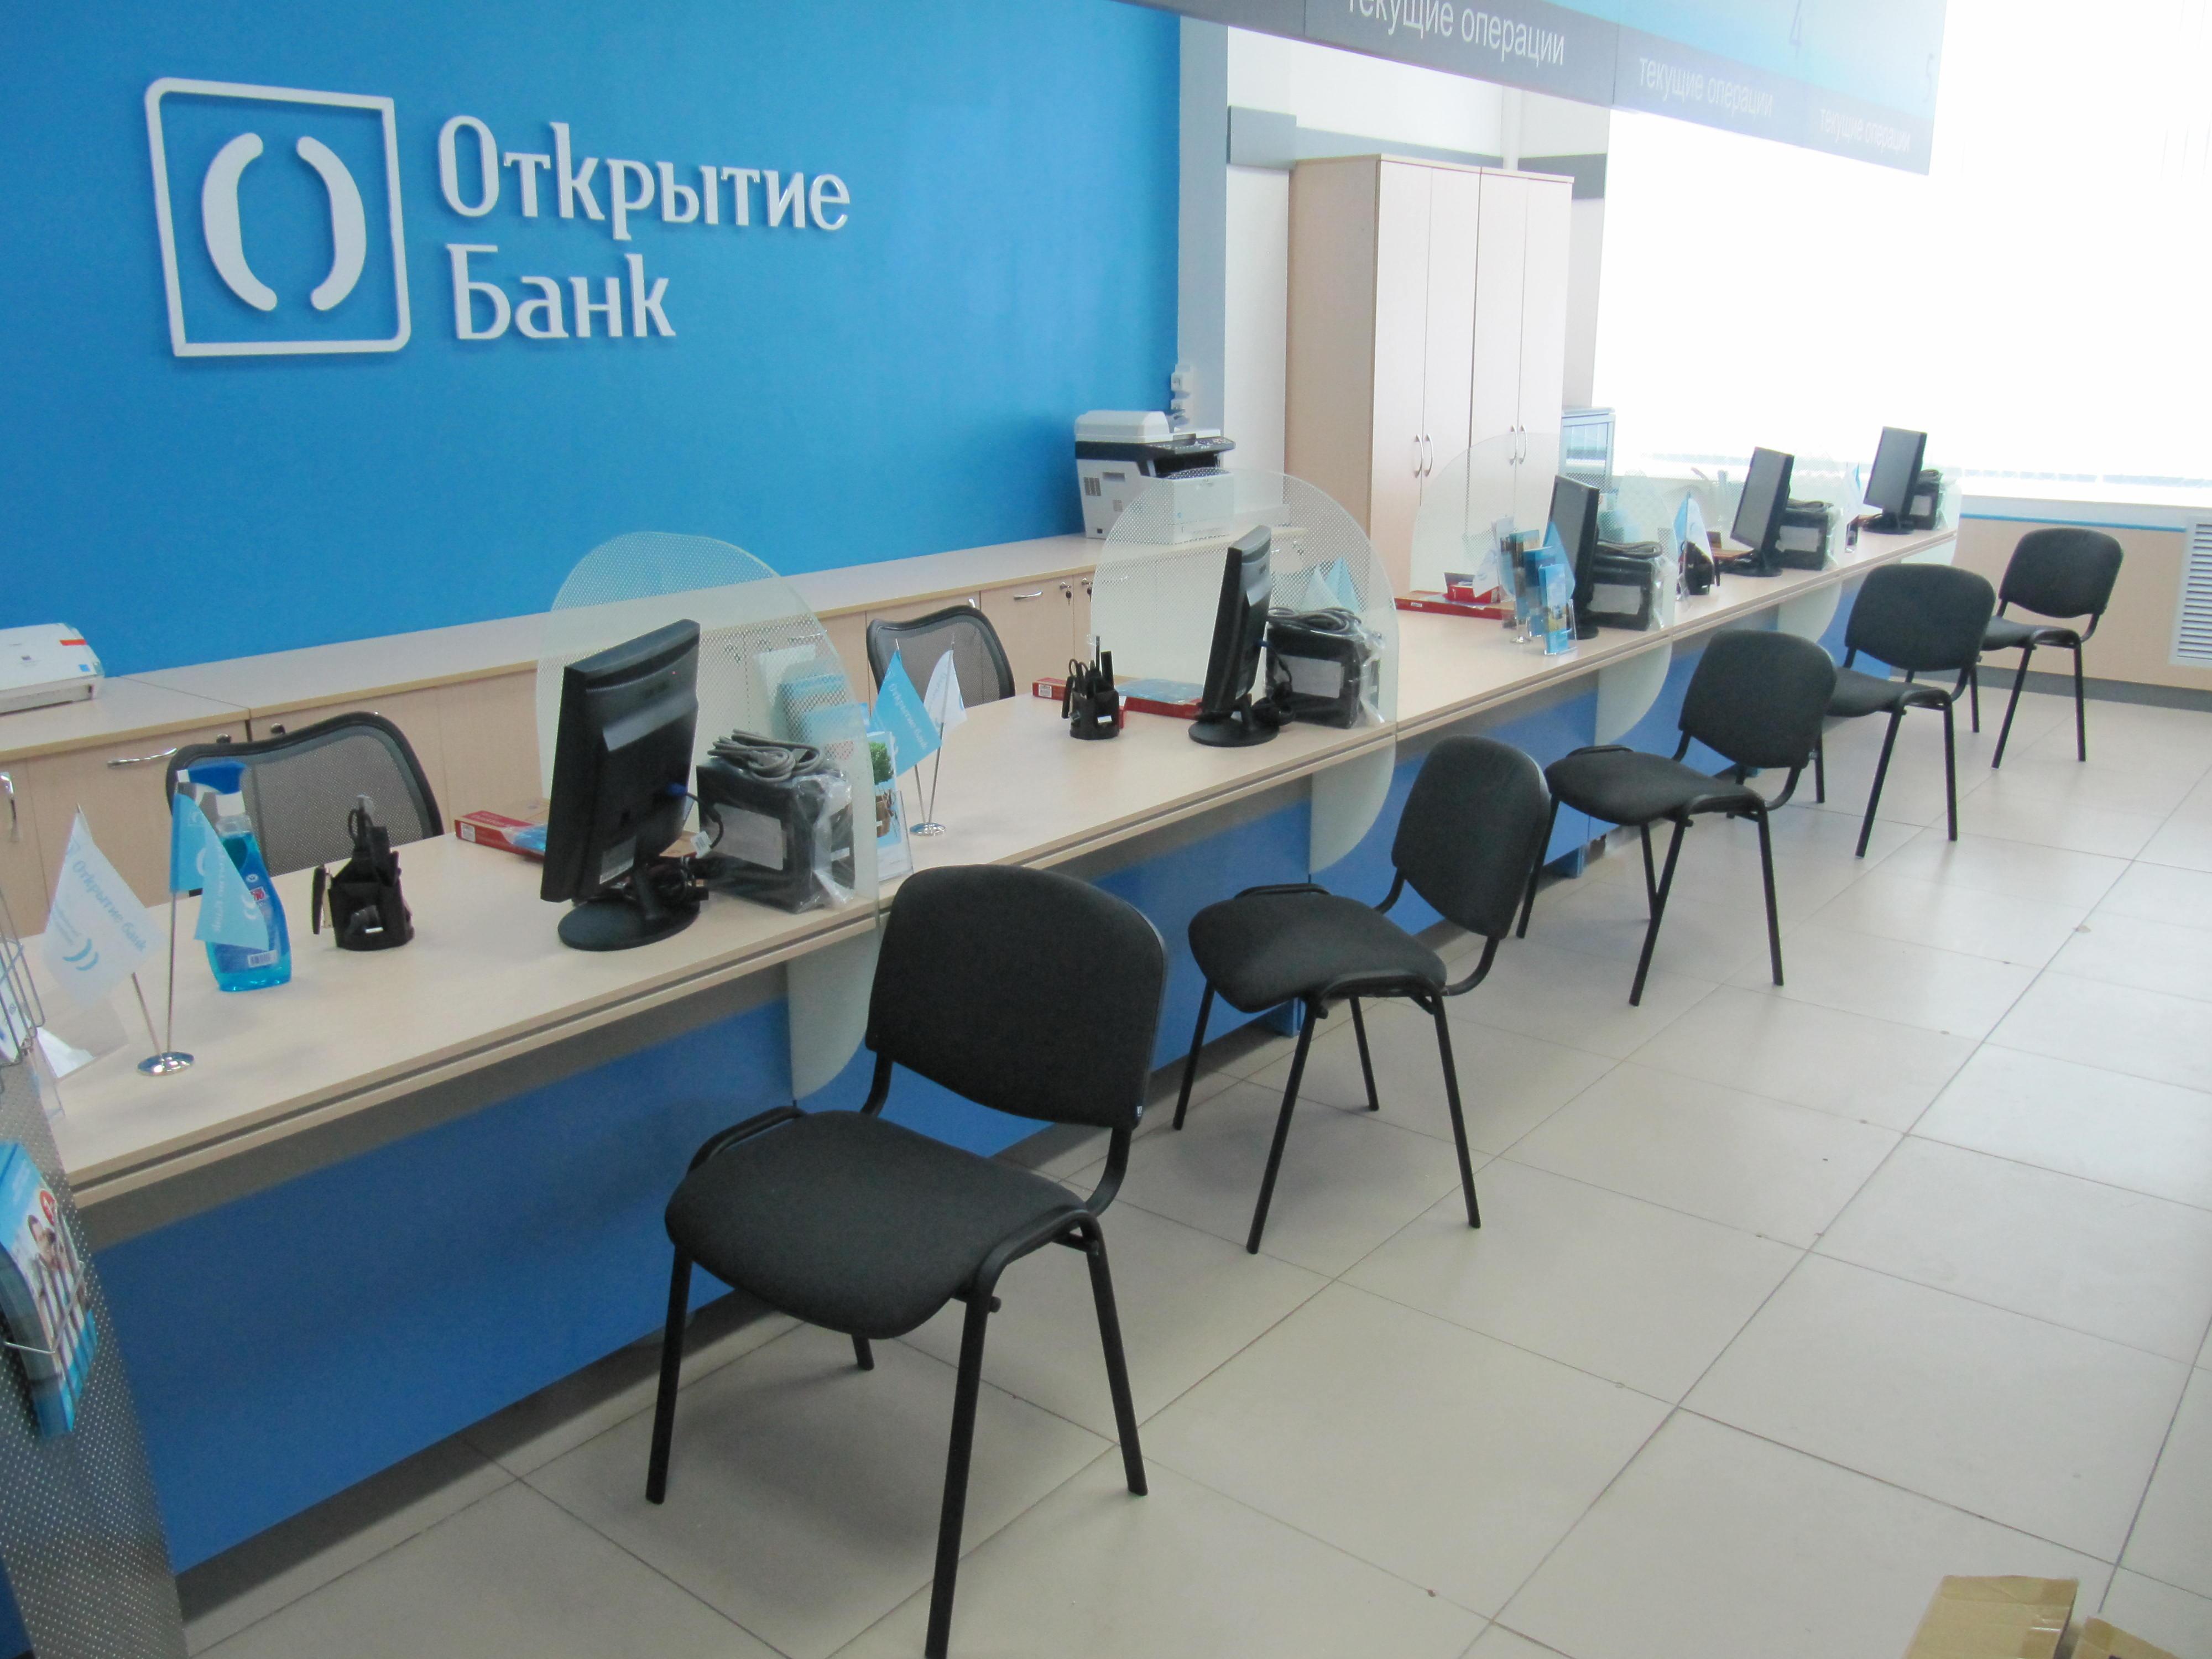 Онлайн кредитный калькулятор Сбербанка